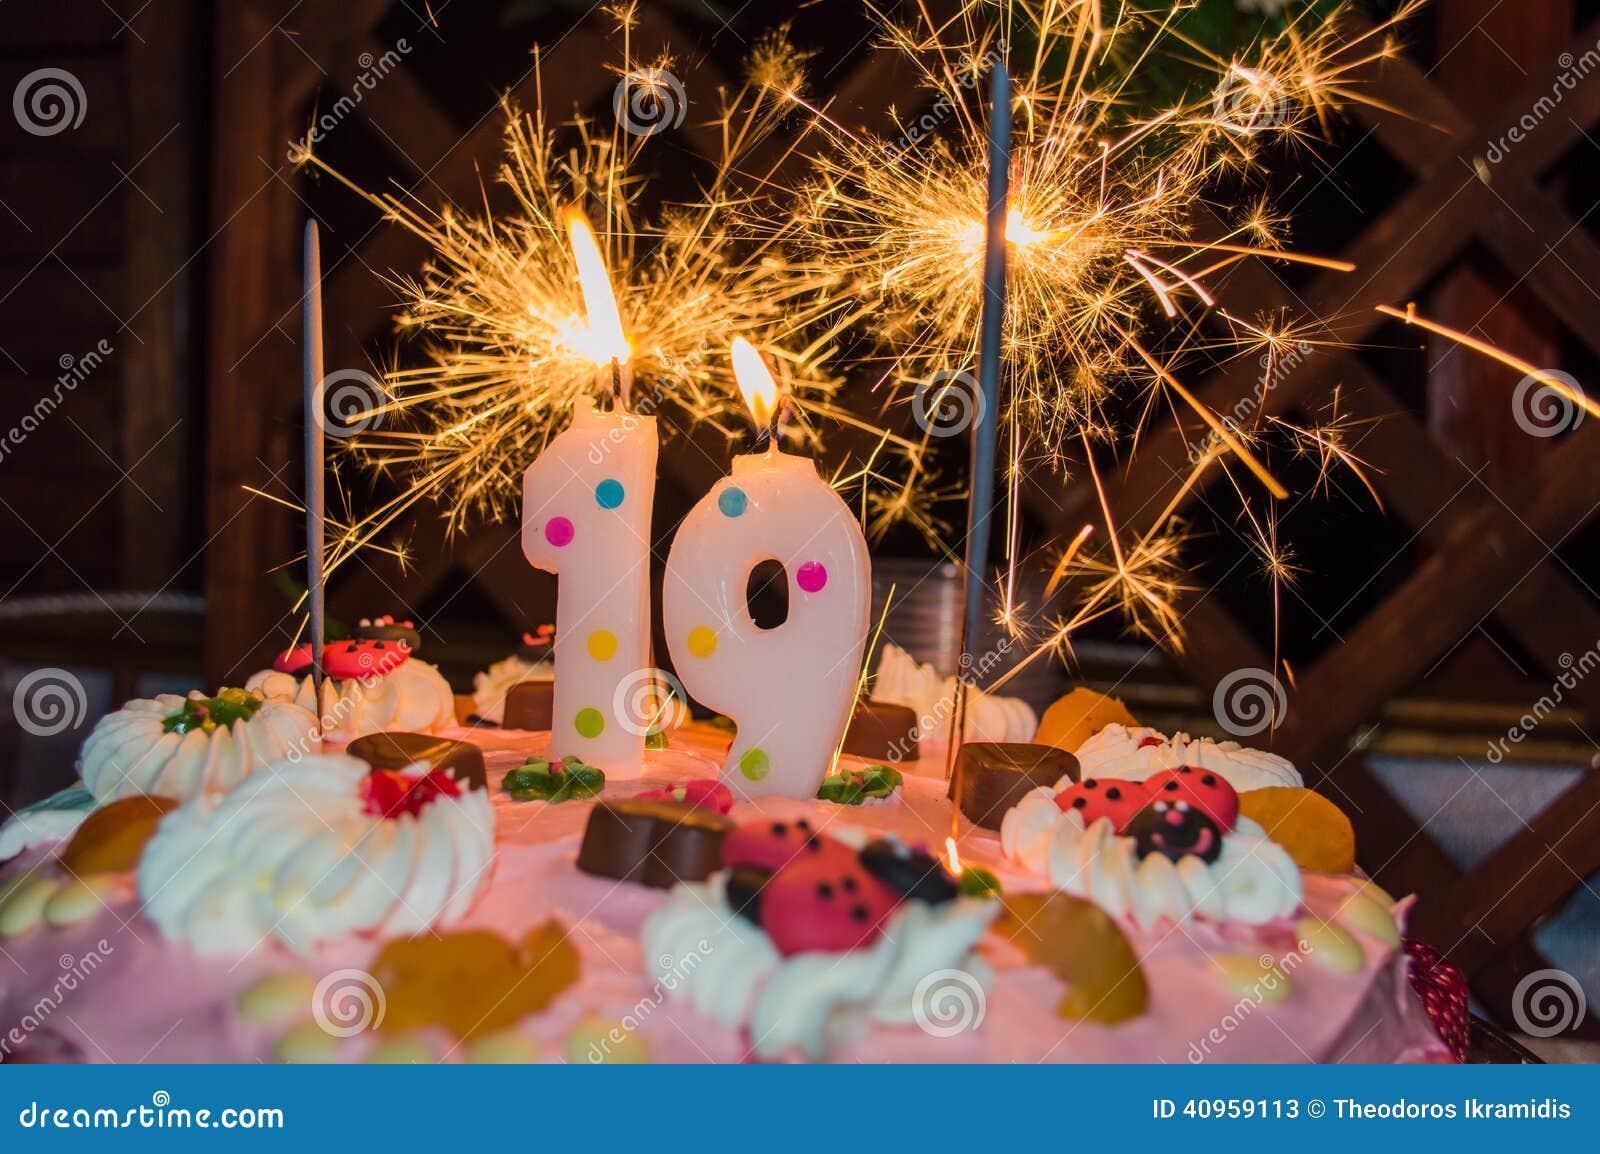 Joyeux Anniversaire Image Stock Image Du Vieux Temps 40959113